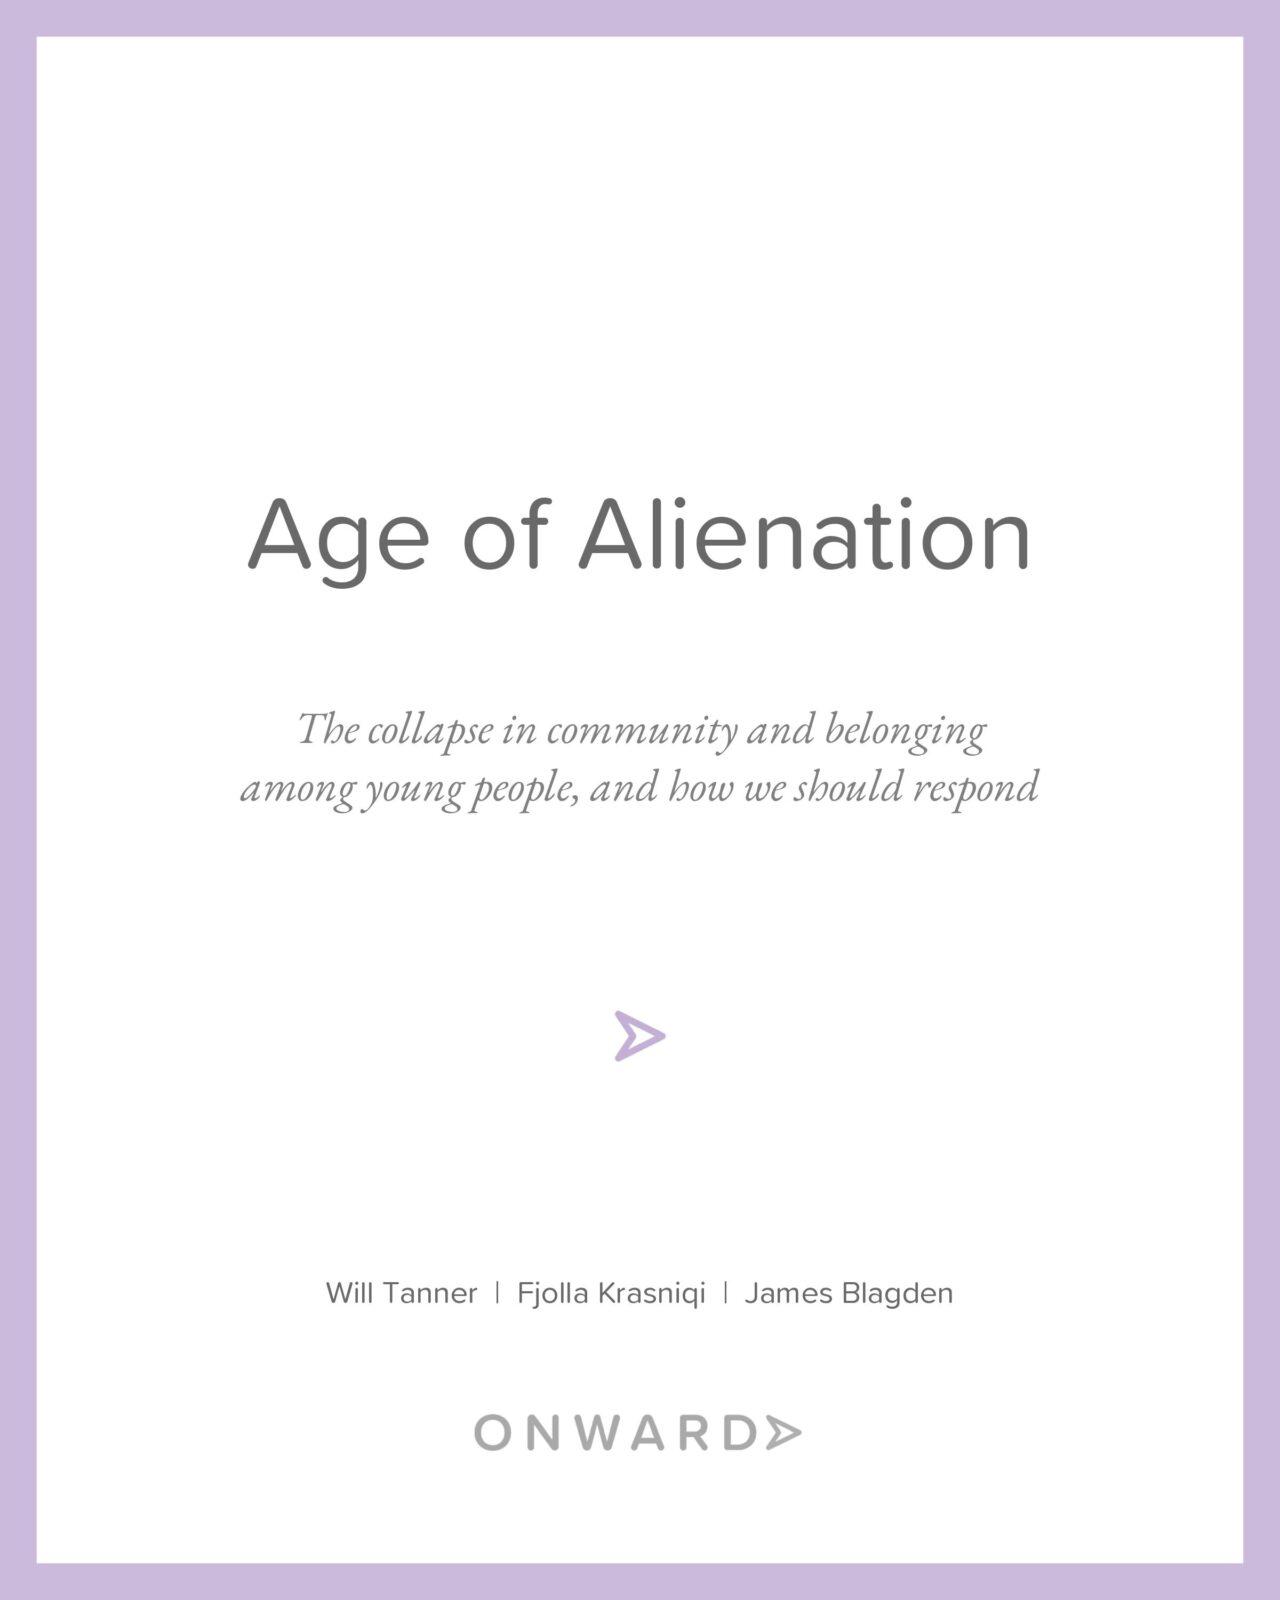 Age of Alienation